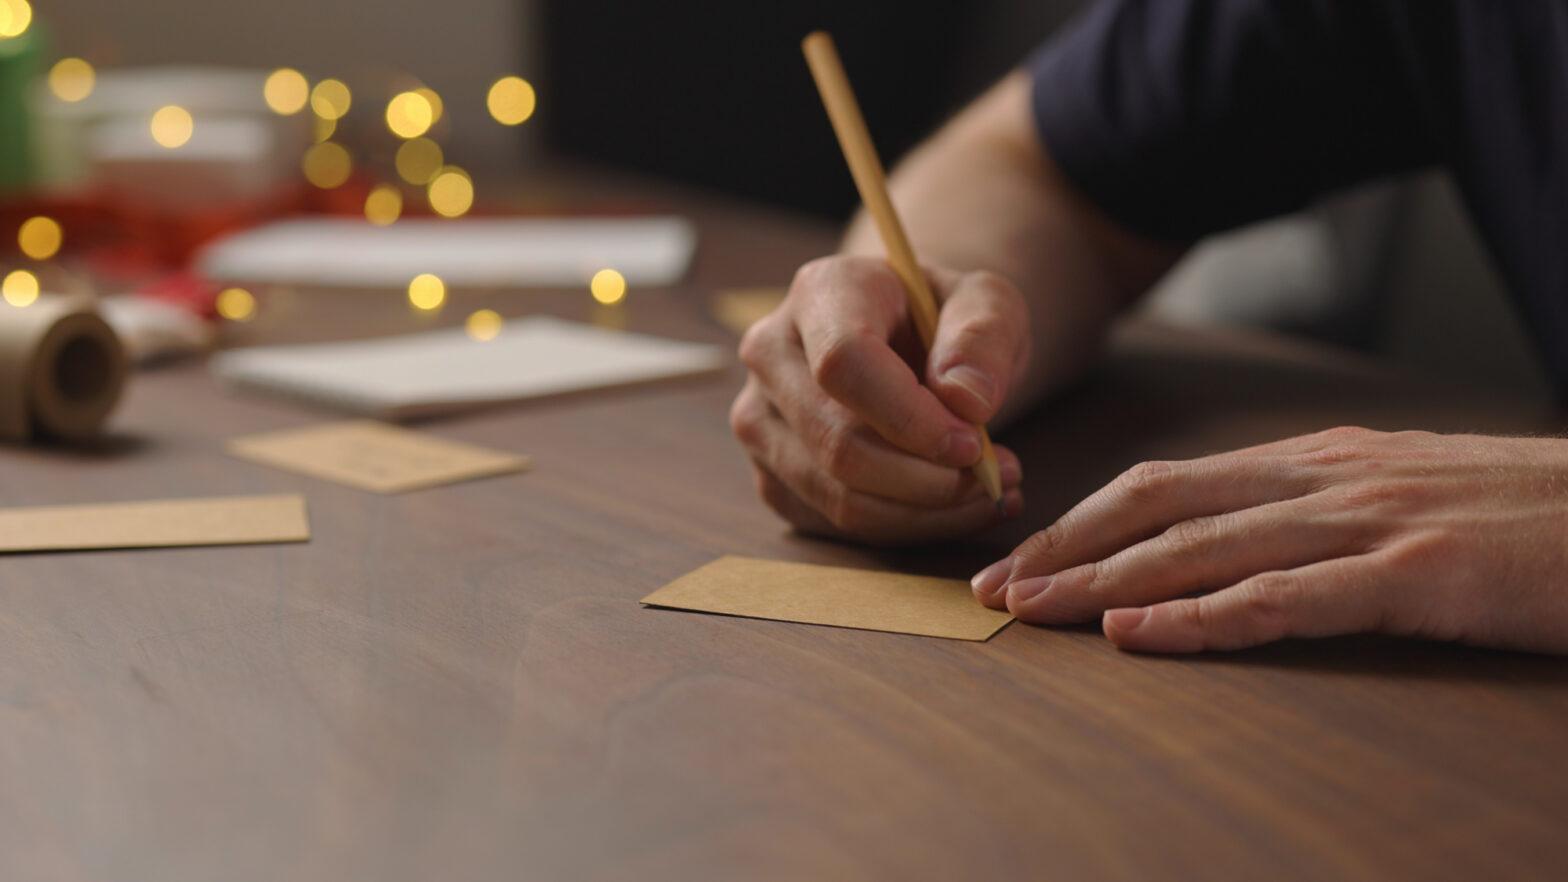 手書きで伝える「おめでとう」!バースデーカードの文章&装飾のコツ